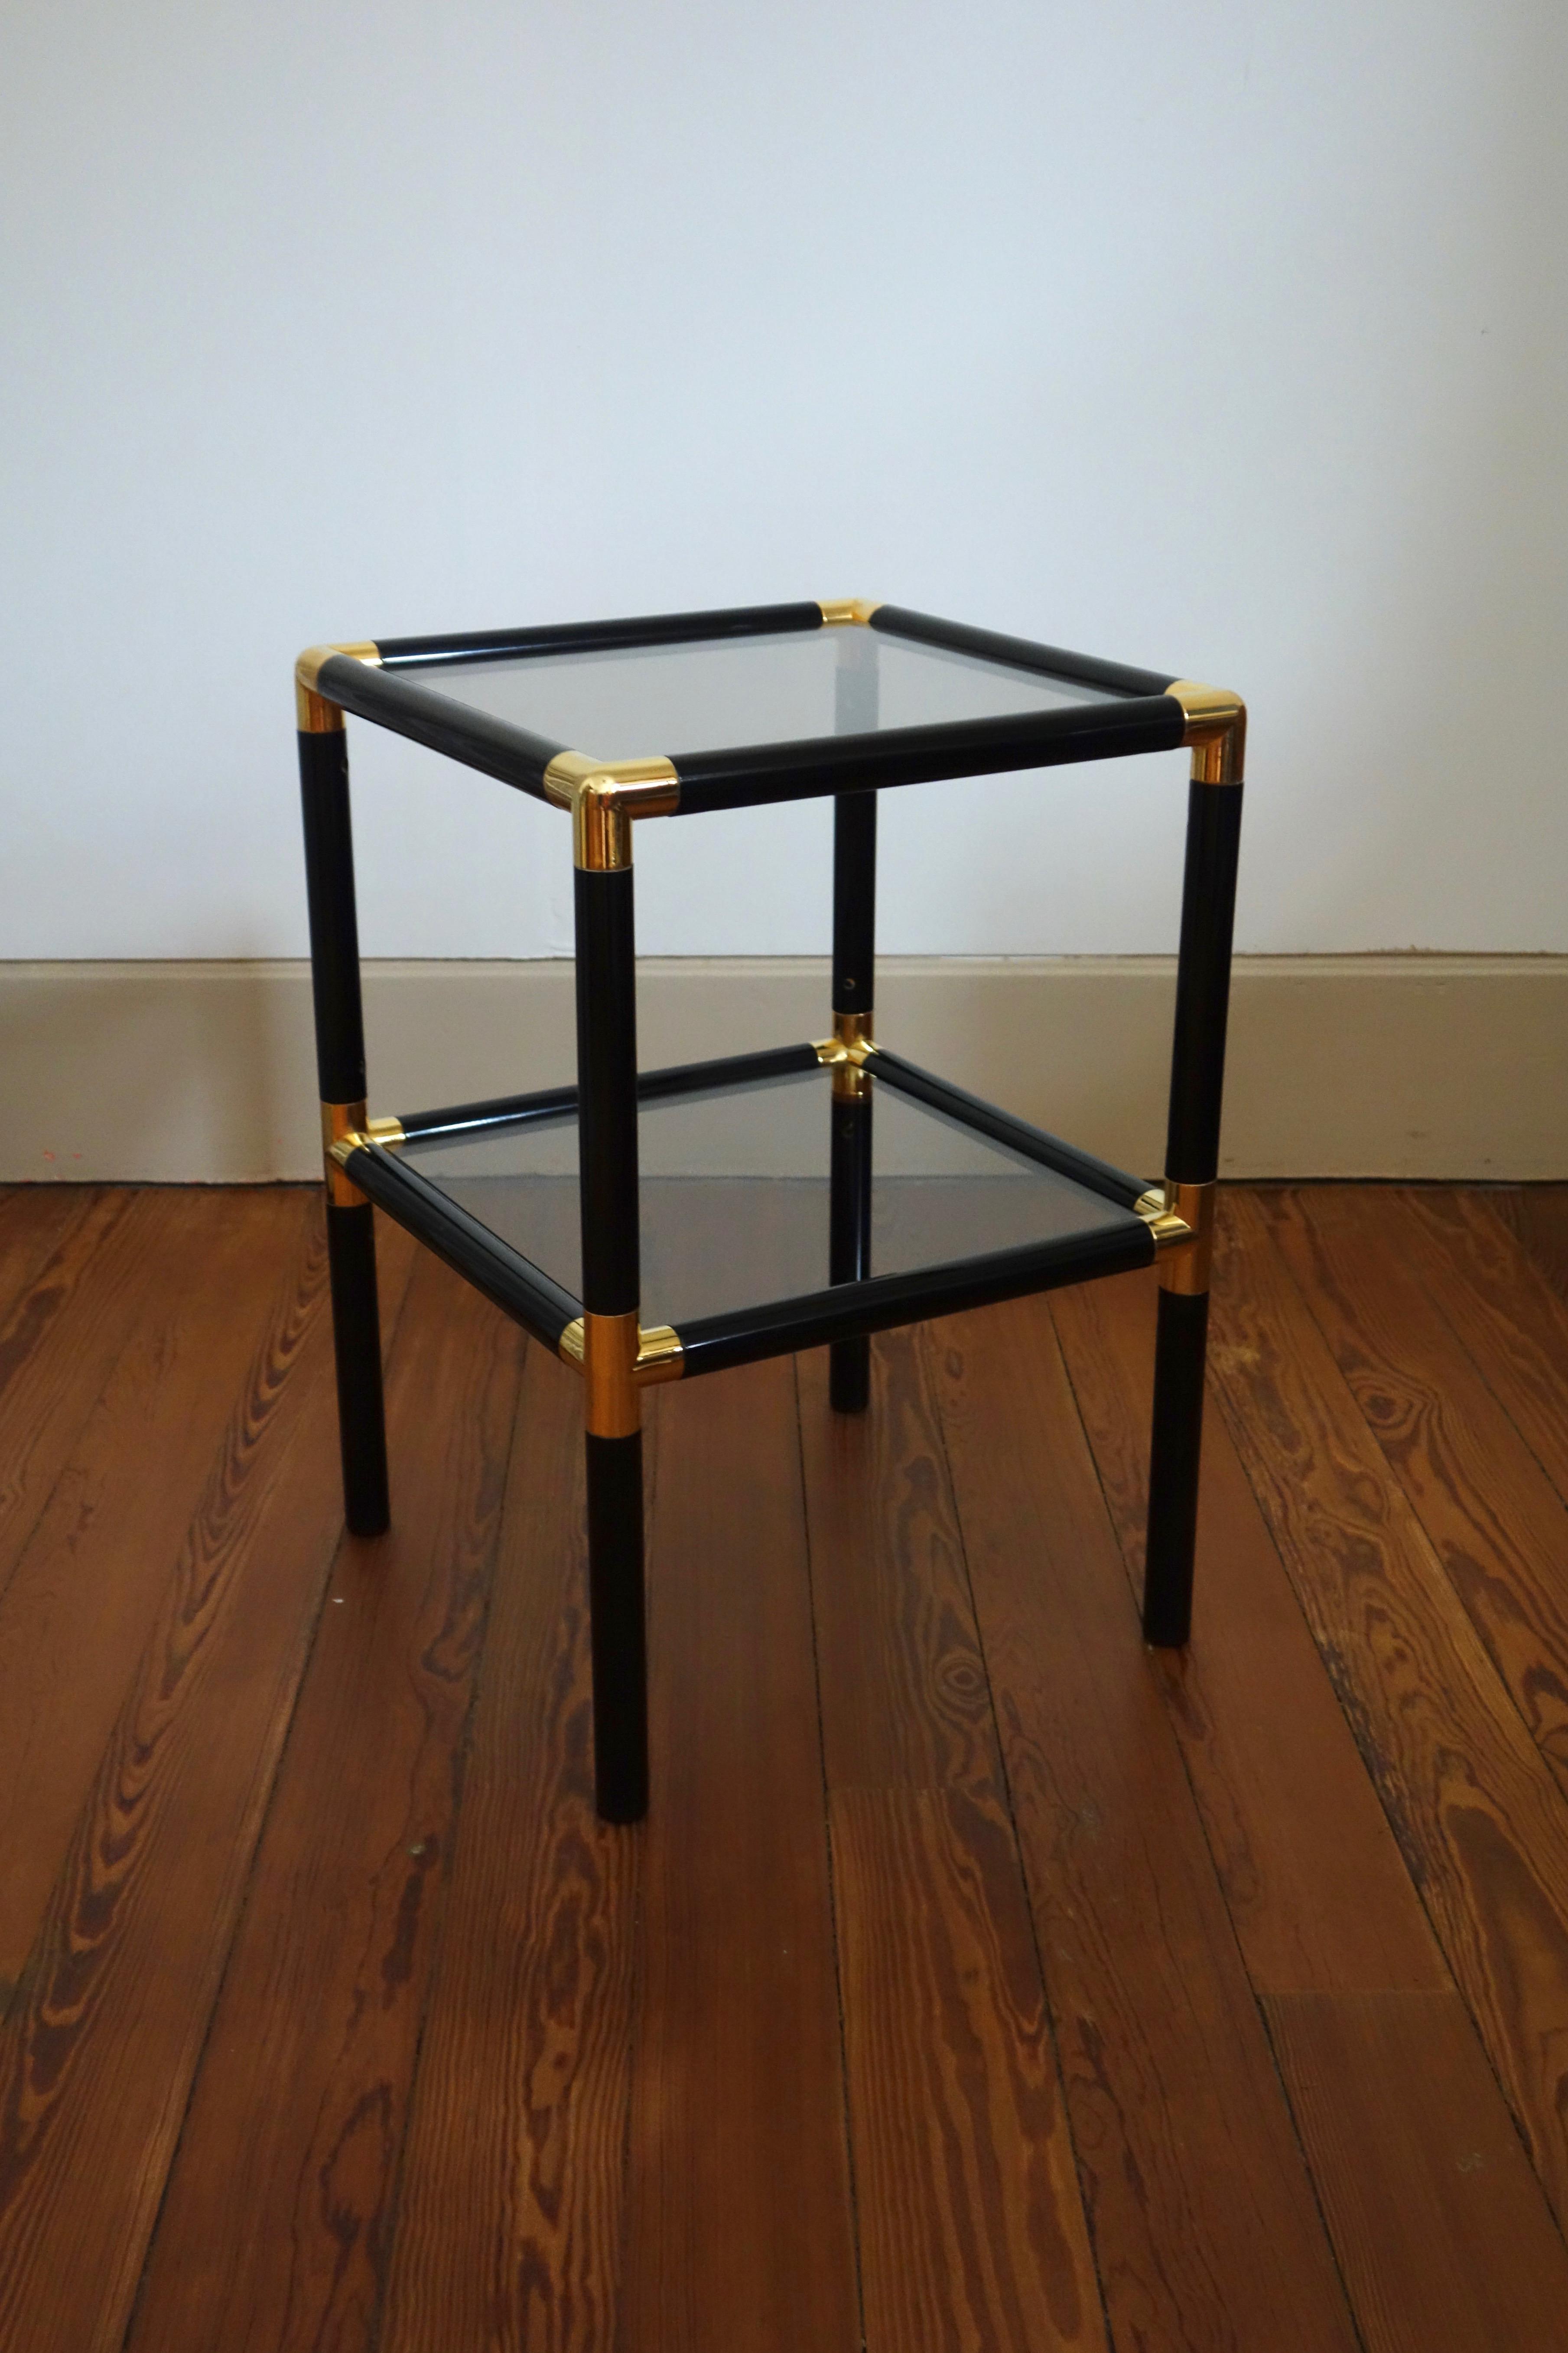 Sellette vintage métal noir et doré, plateaux verre fumé année 70